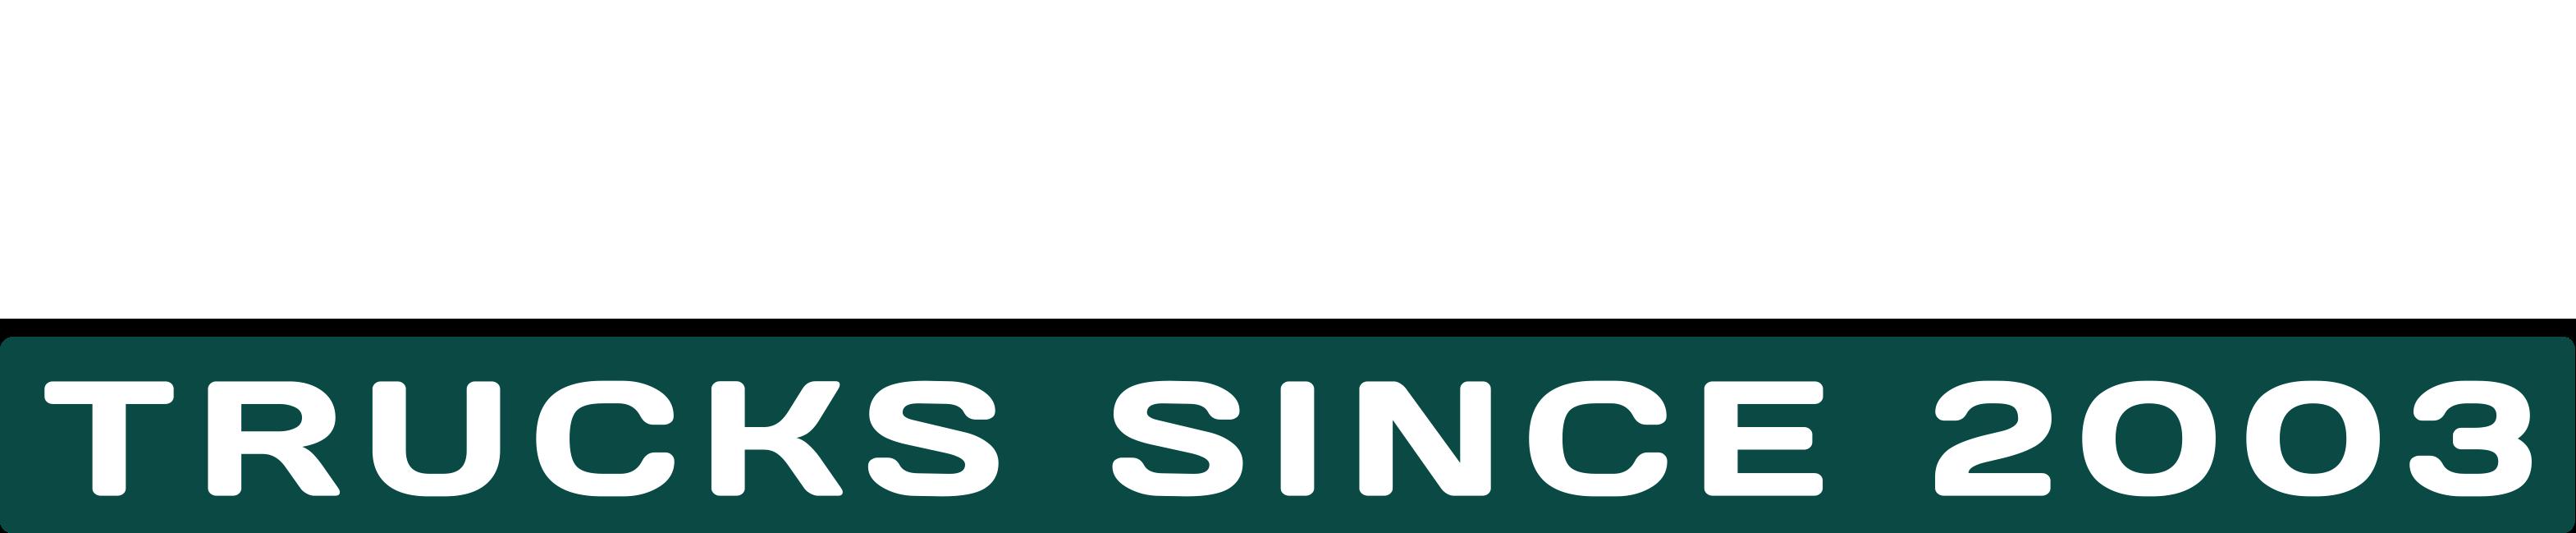 Osamyynti_trucks_logo_white